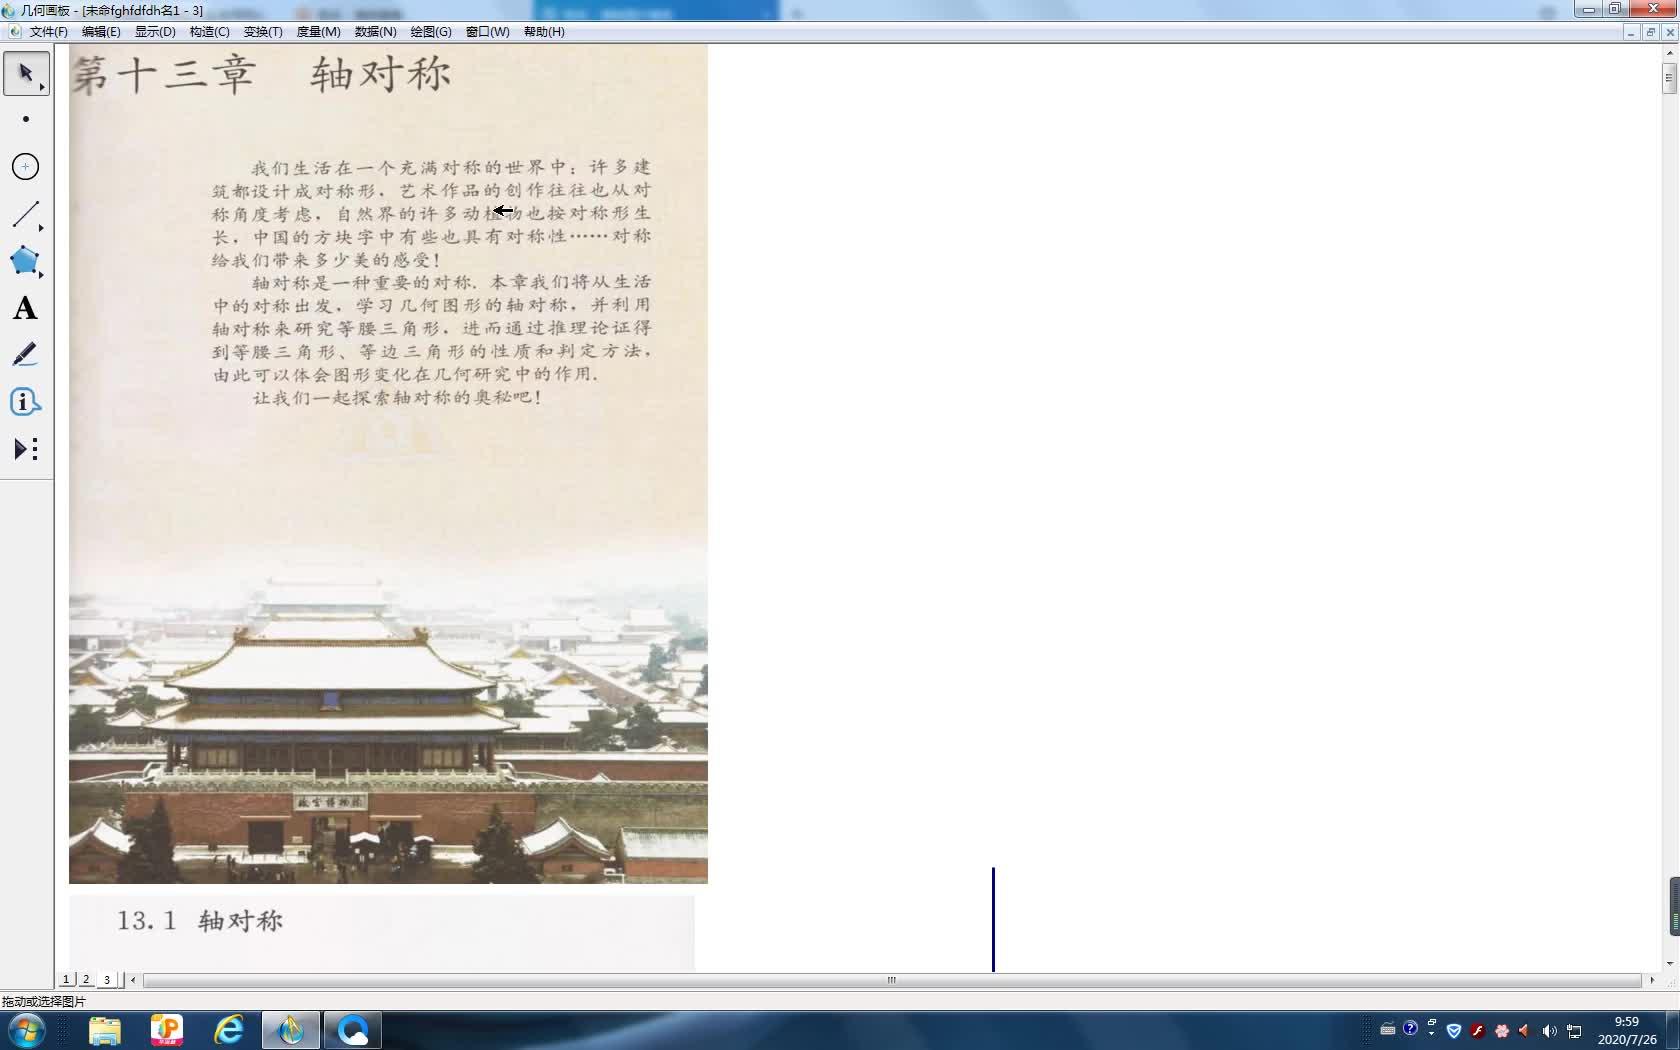 人教版 八年级上册 13.1.1轴对称 微课视频